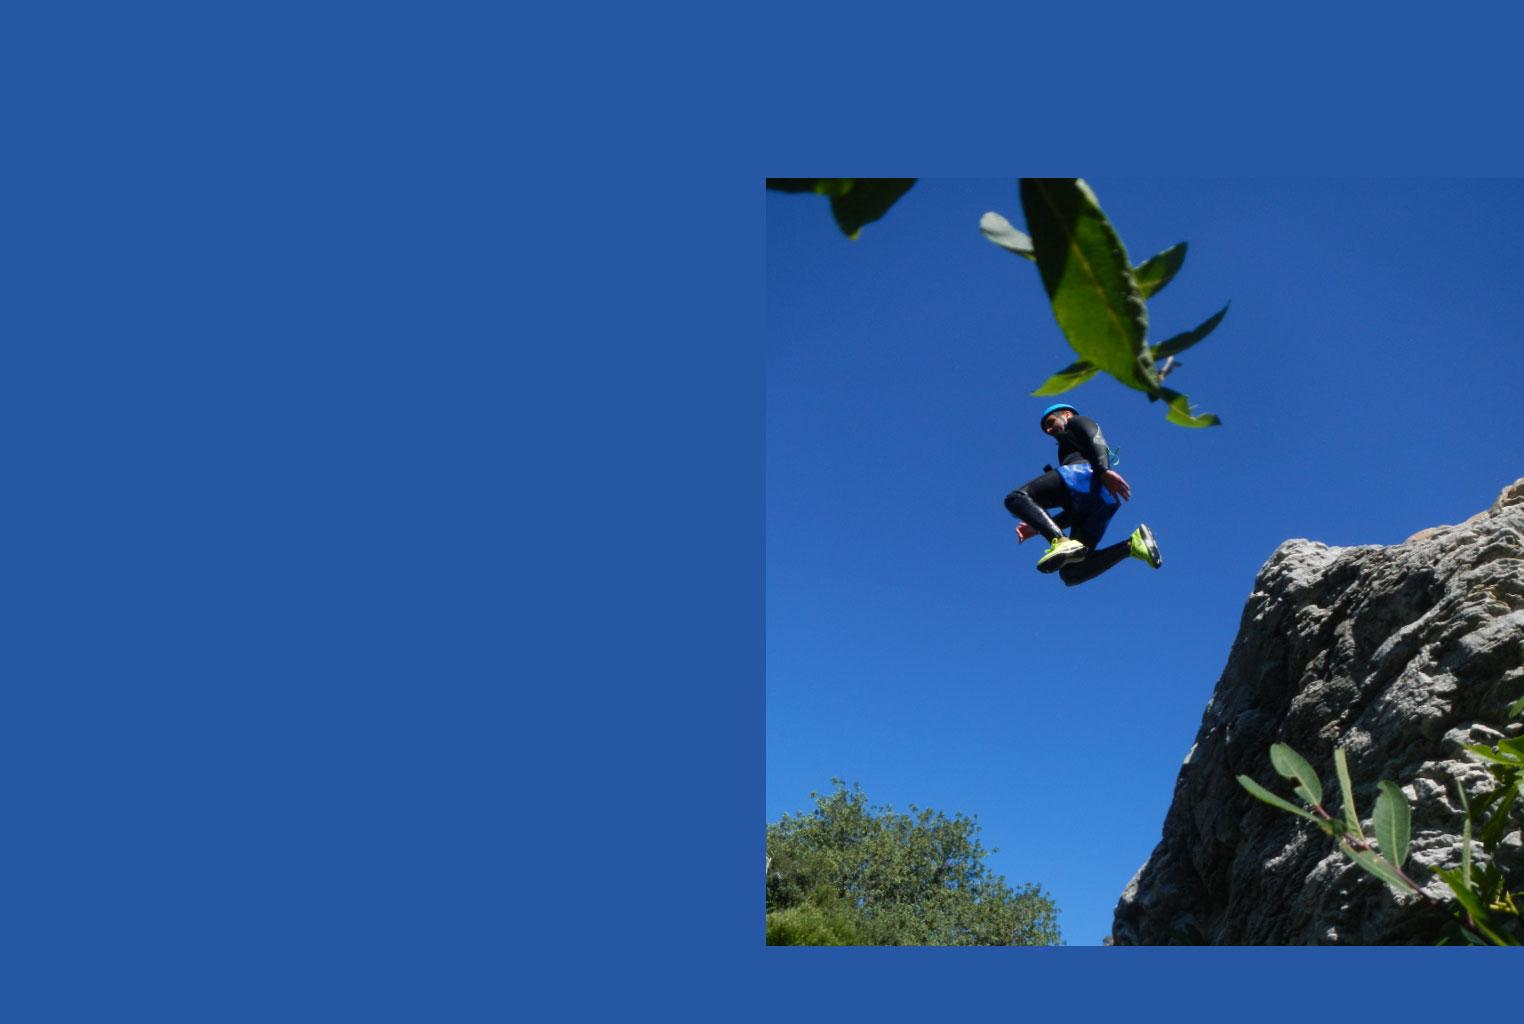 Especializada en la organización de todo tipo de eventos e incentivos, turismo deportivo activo. Team4you